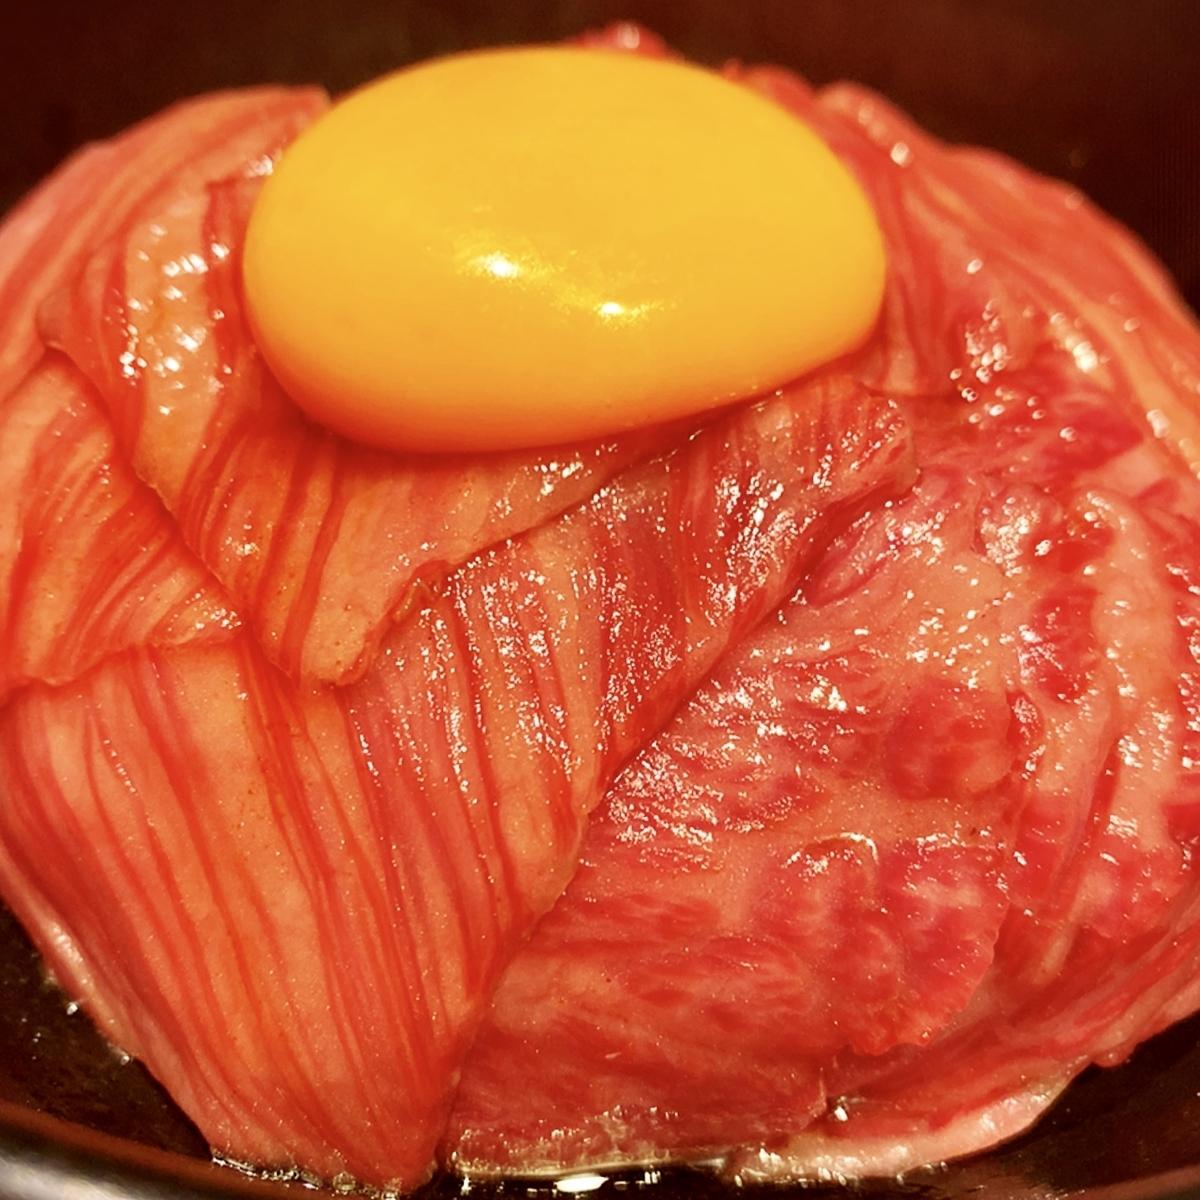 【二子玉川】合法で生肉が堪能できる焼肉屋!生ユッケがめちゃウマ